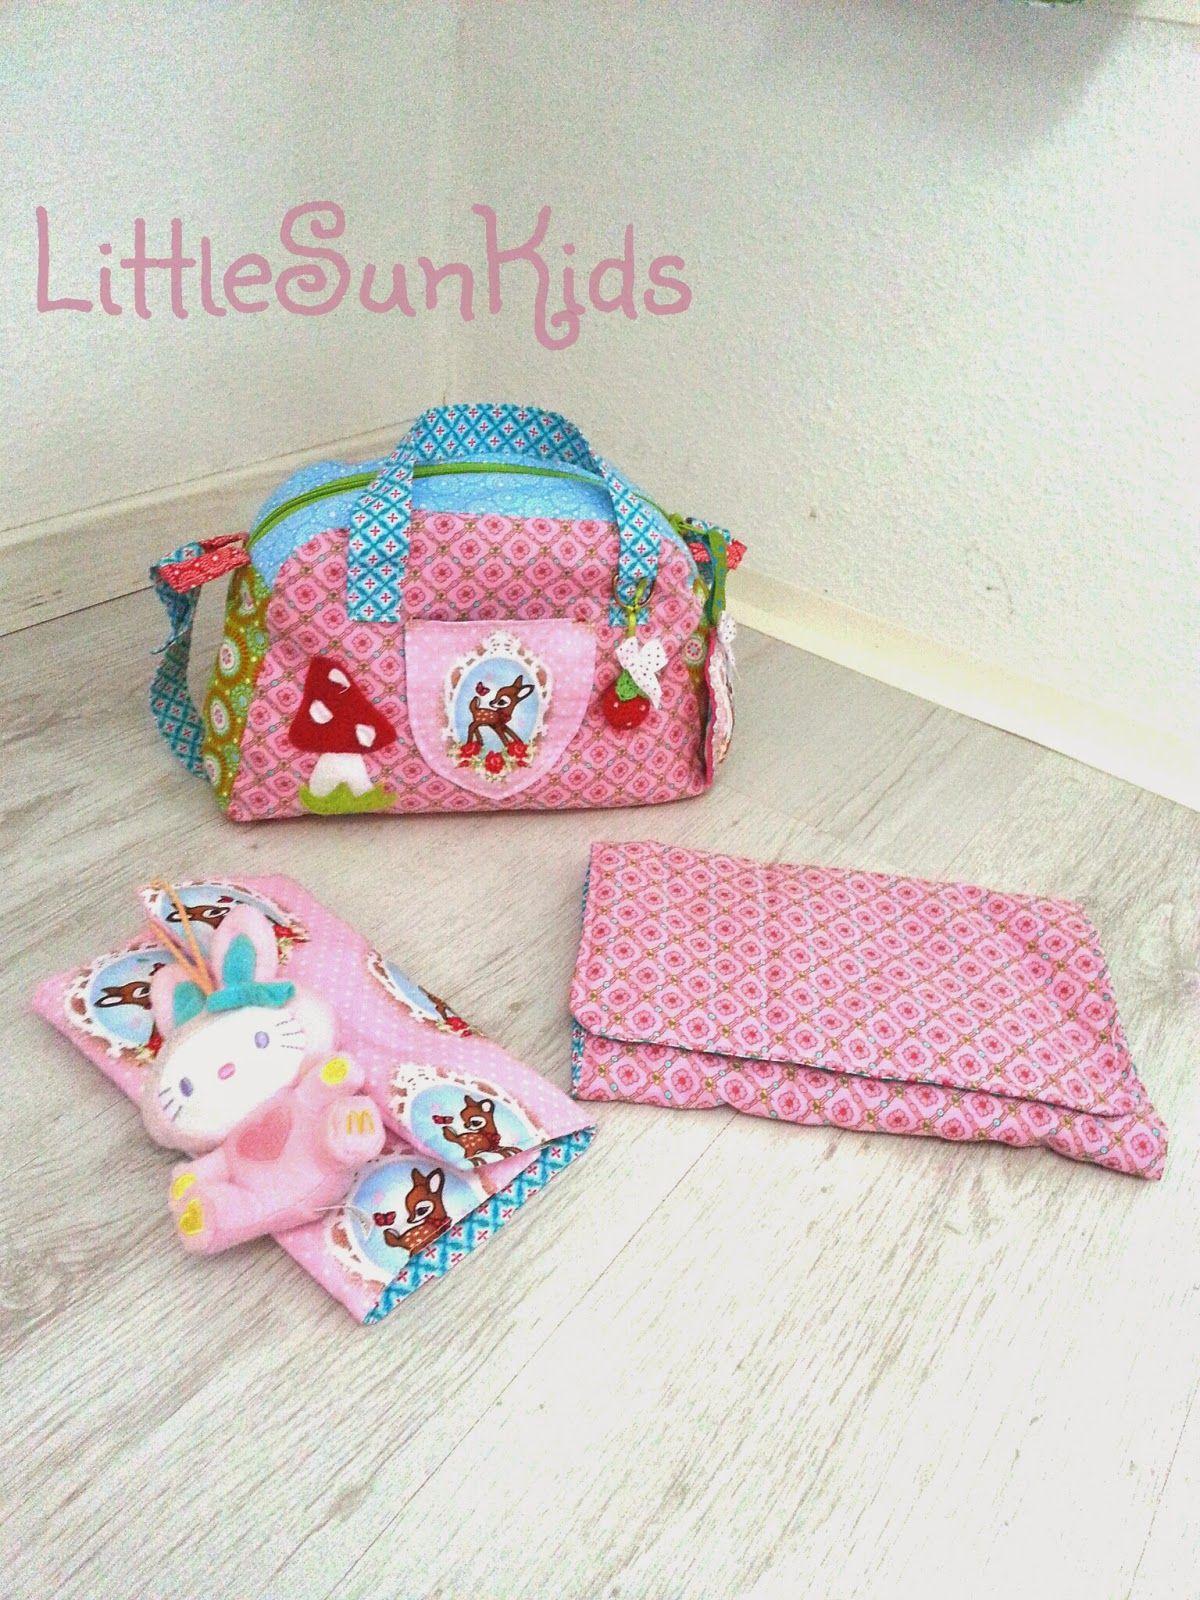 ♥ LittleSunKids ♥: Puppen Wickeltasche mit allem drum und dran ...